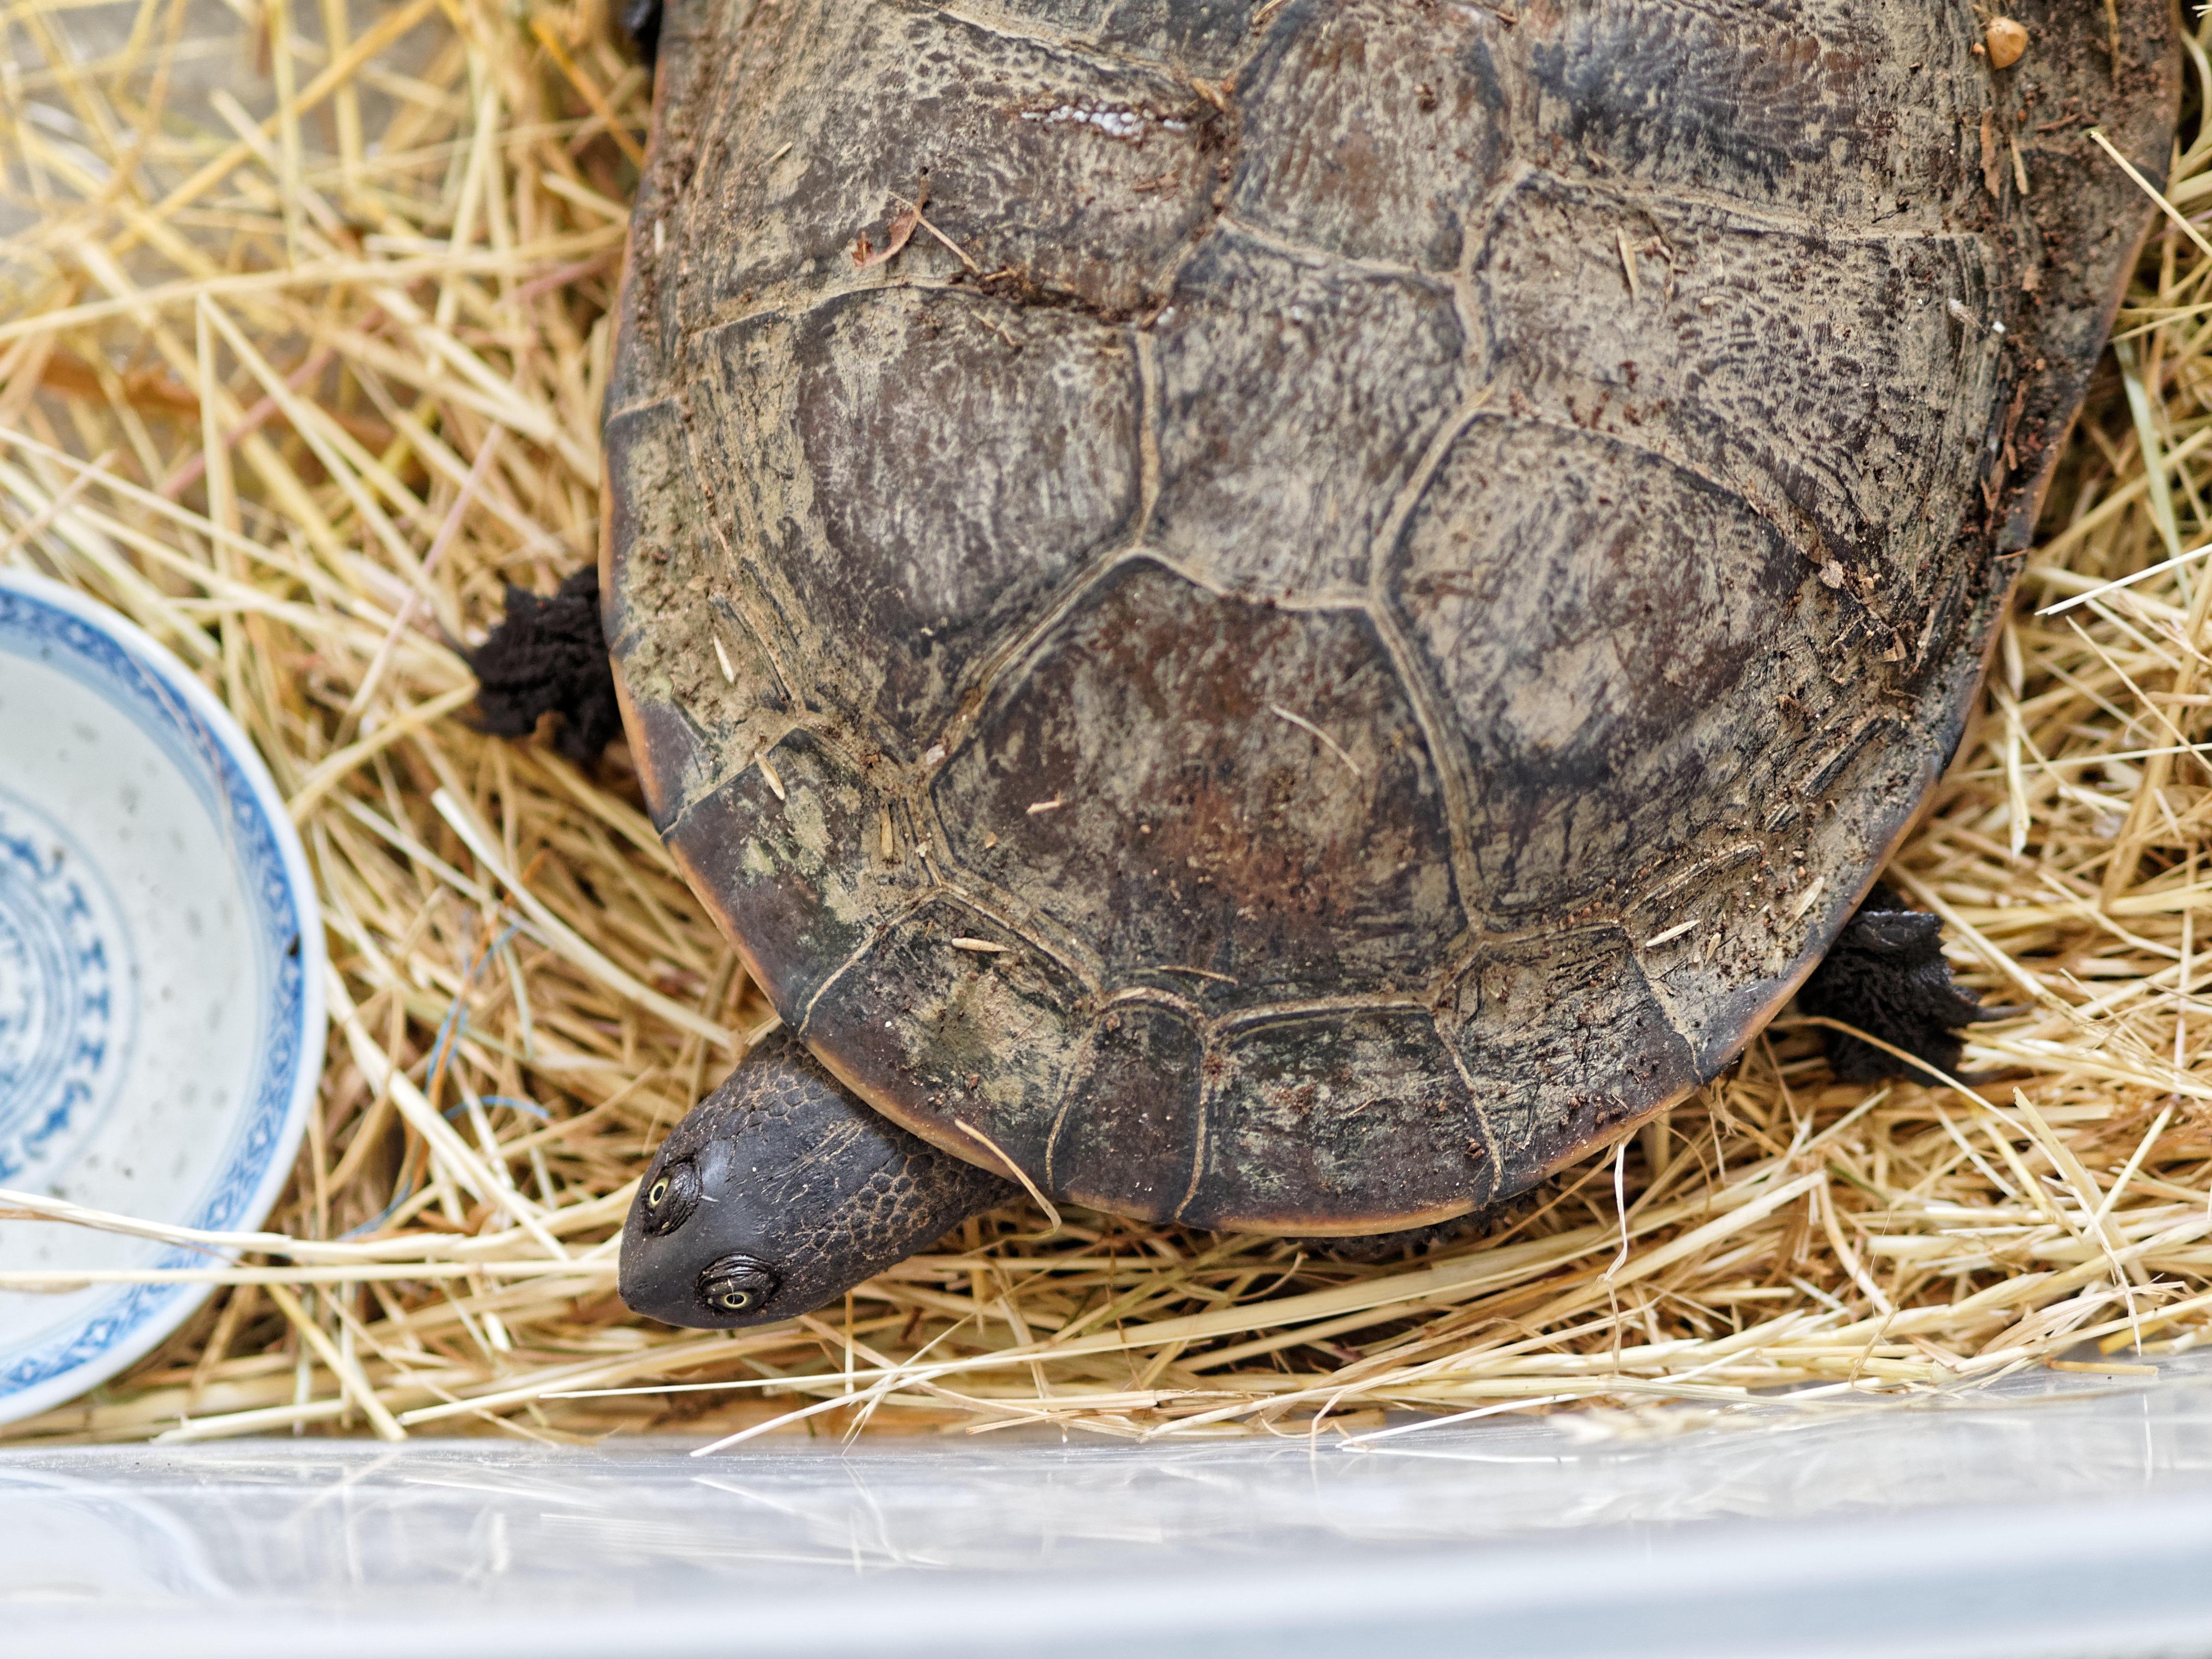 Tortoise-7.jpeg